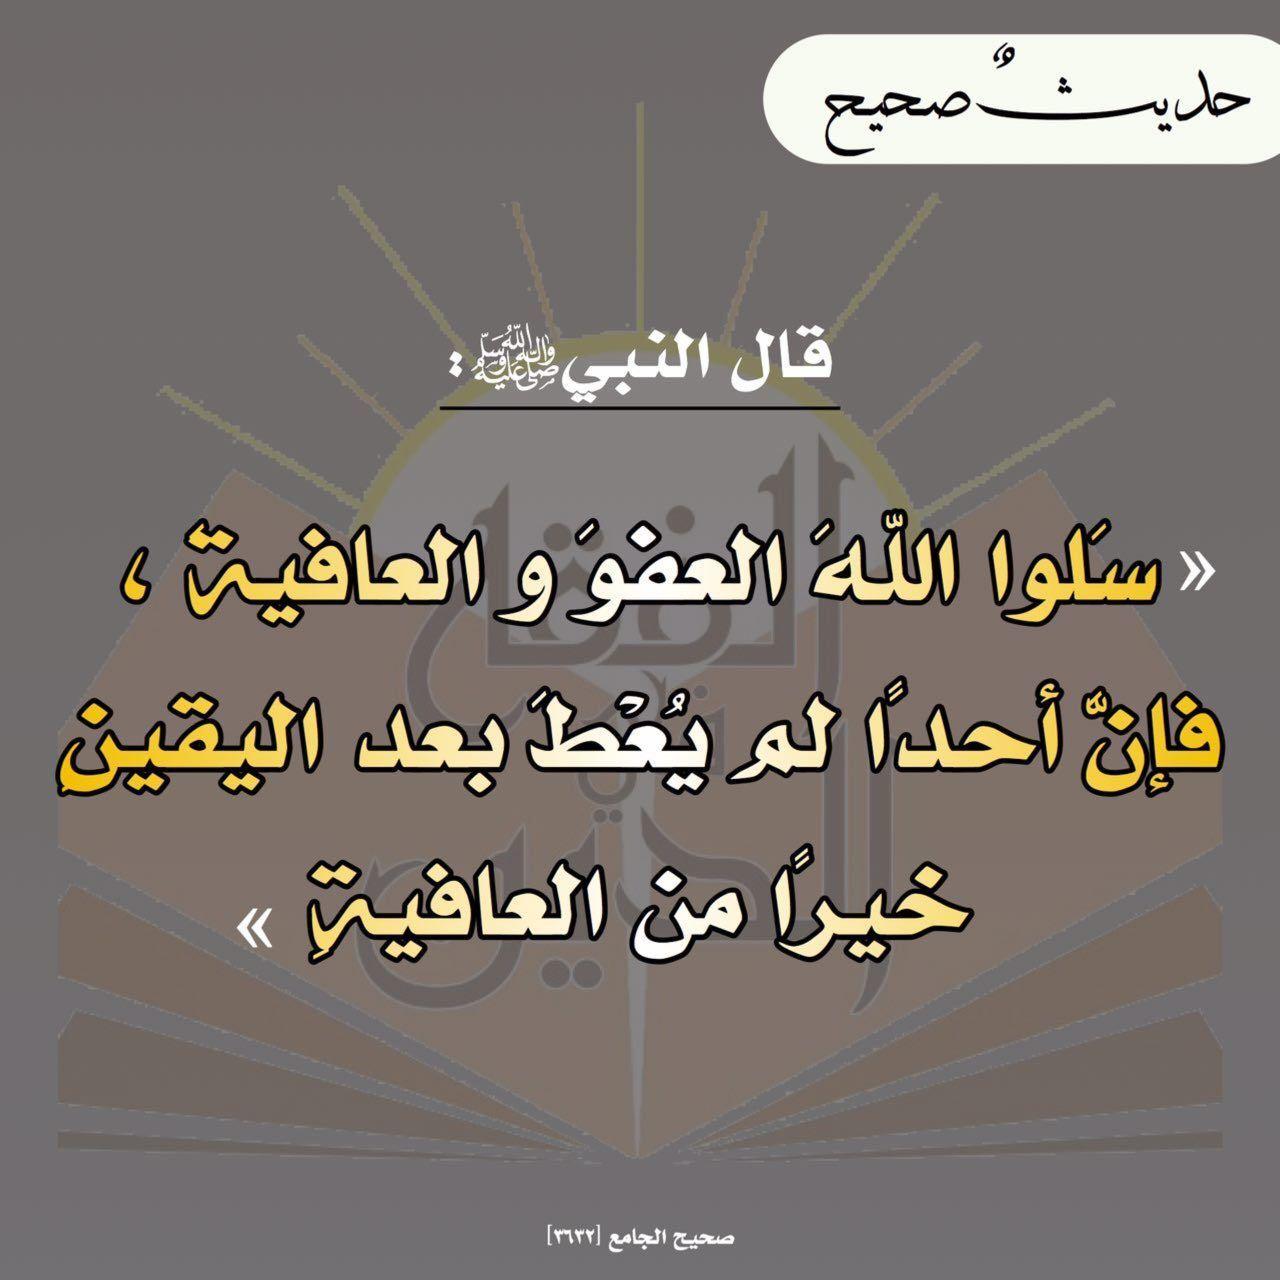 أدعية نبوية Hadith Ahadith Islam